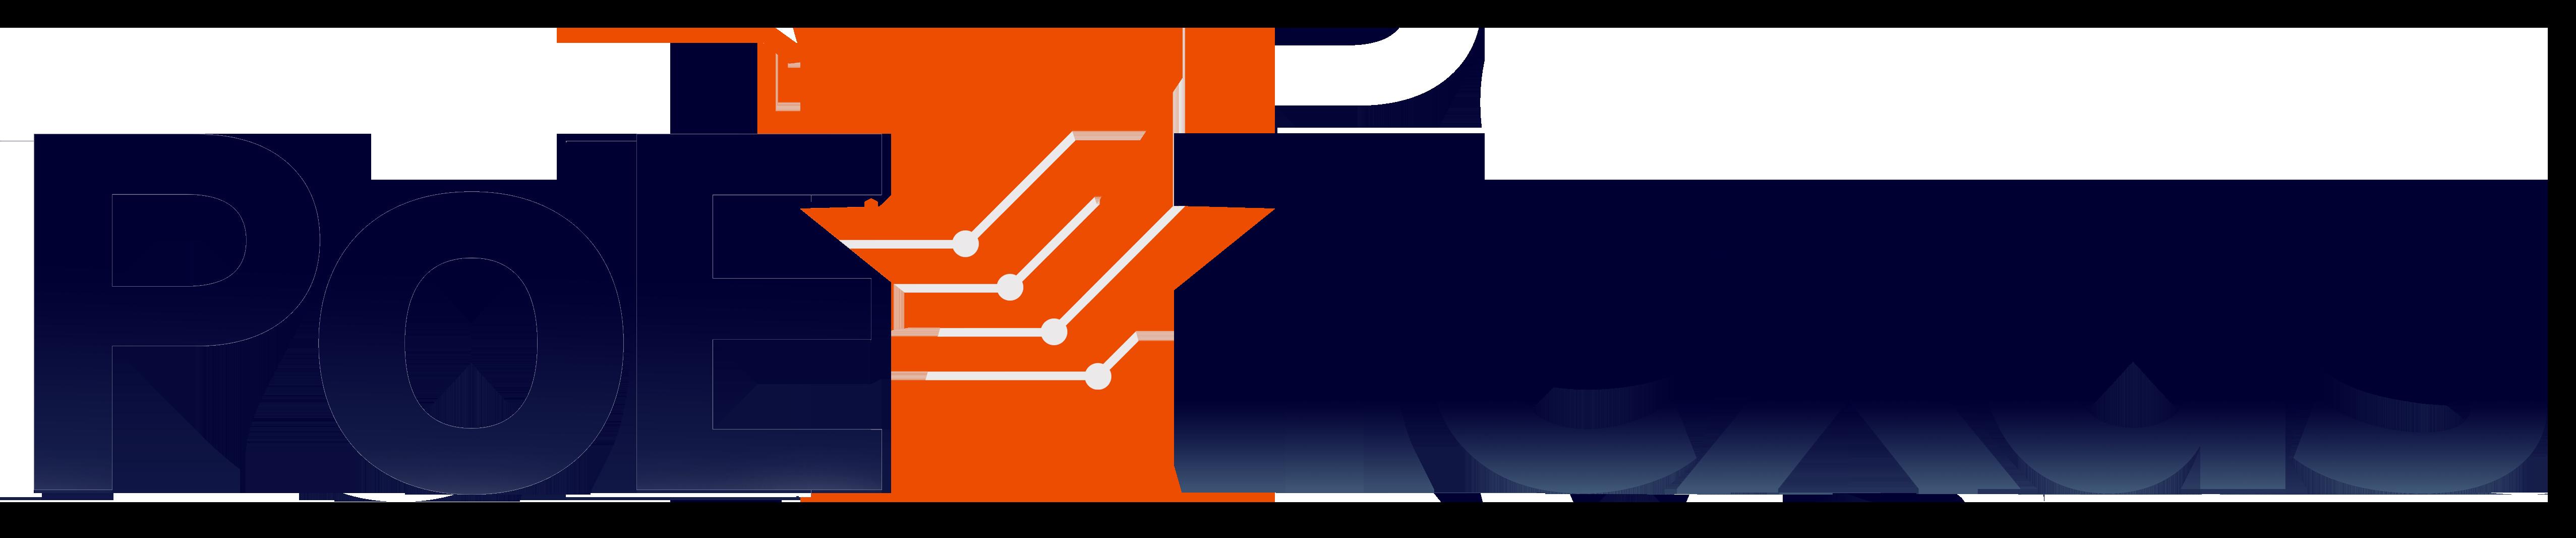 PoE Texas logo